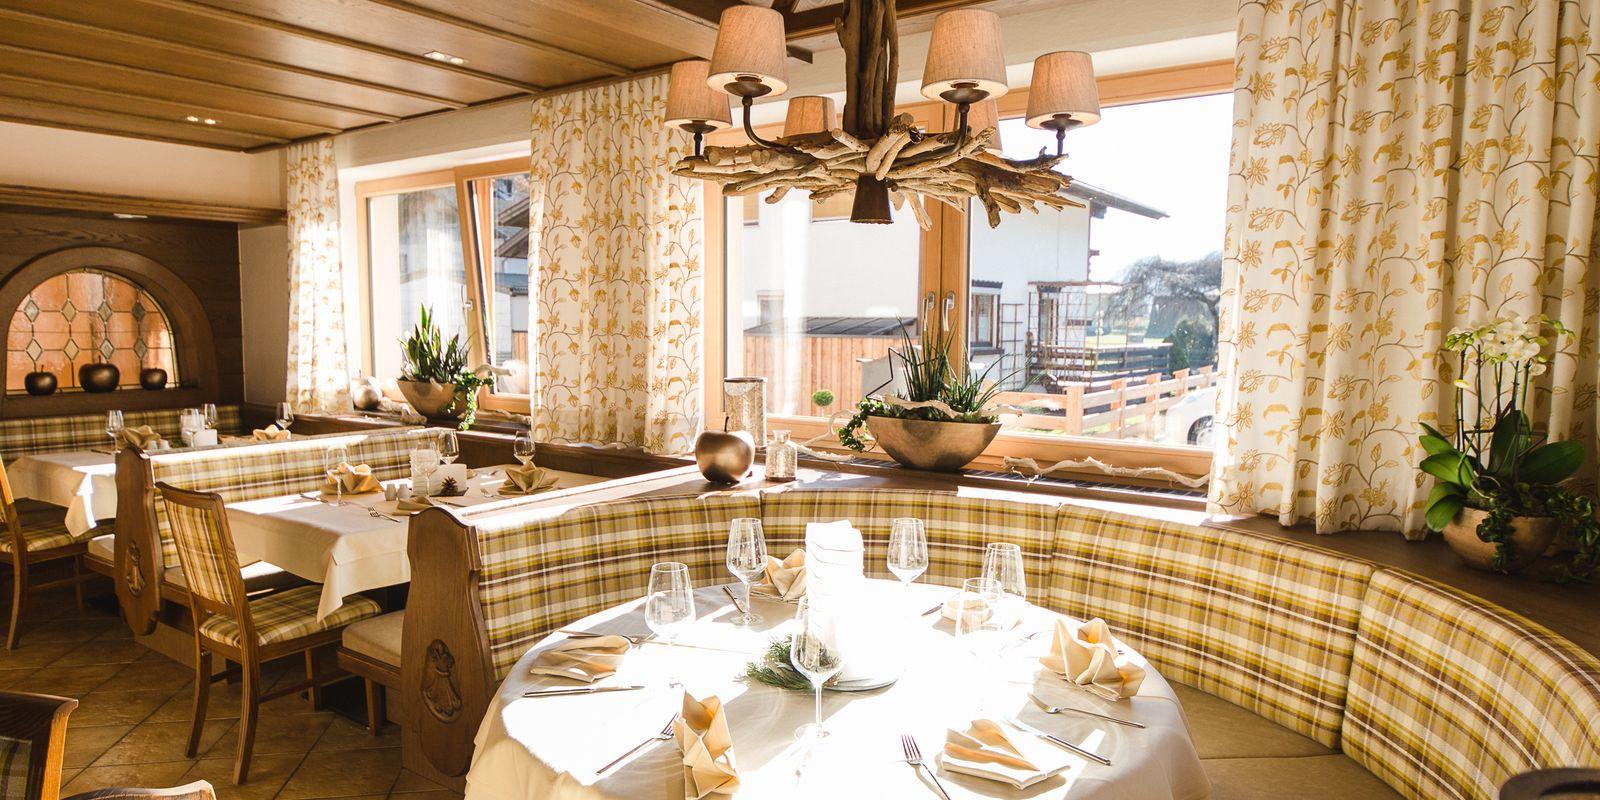 Restaurant S'Giessenbach